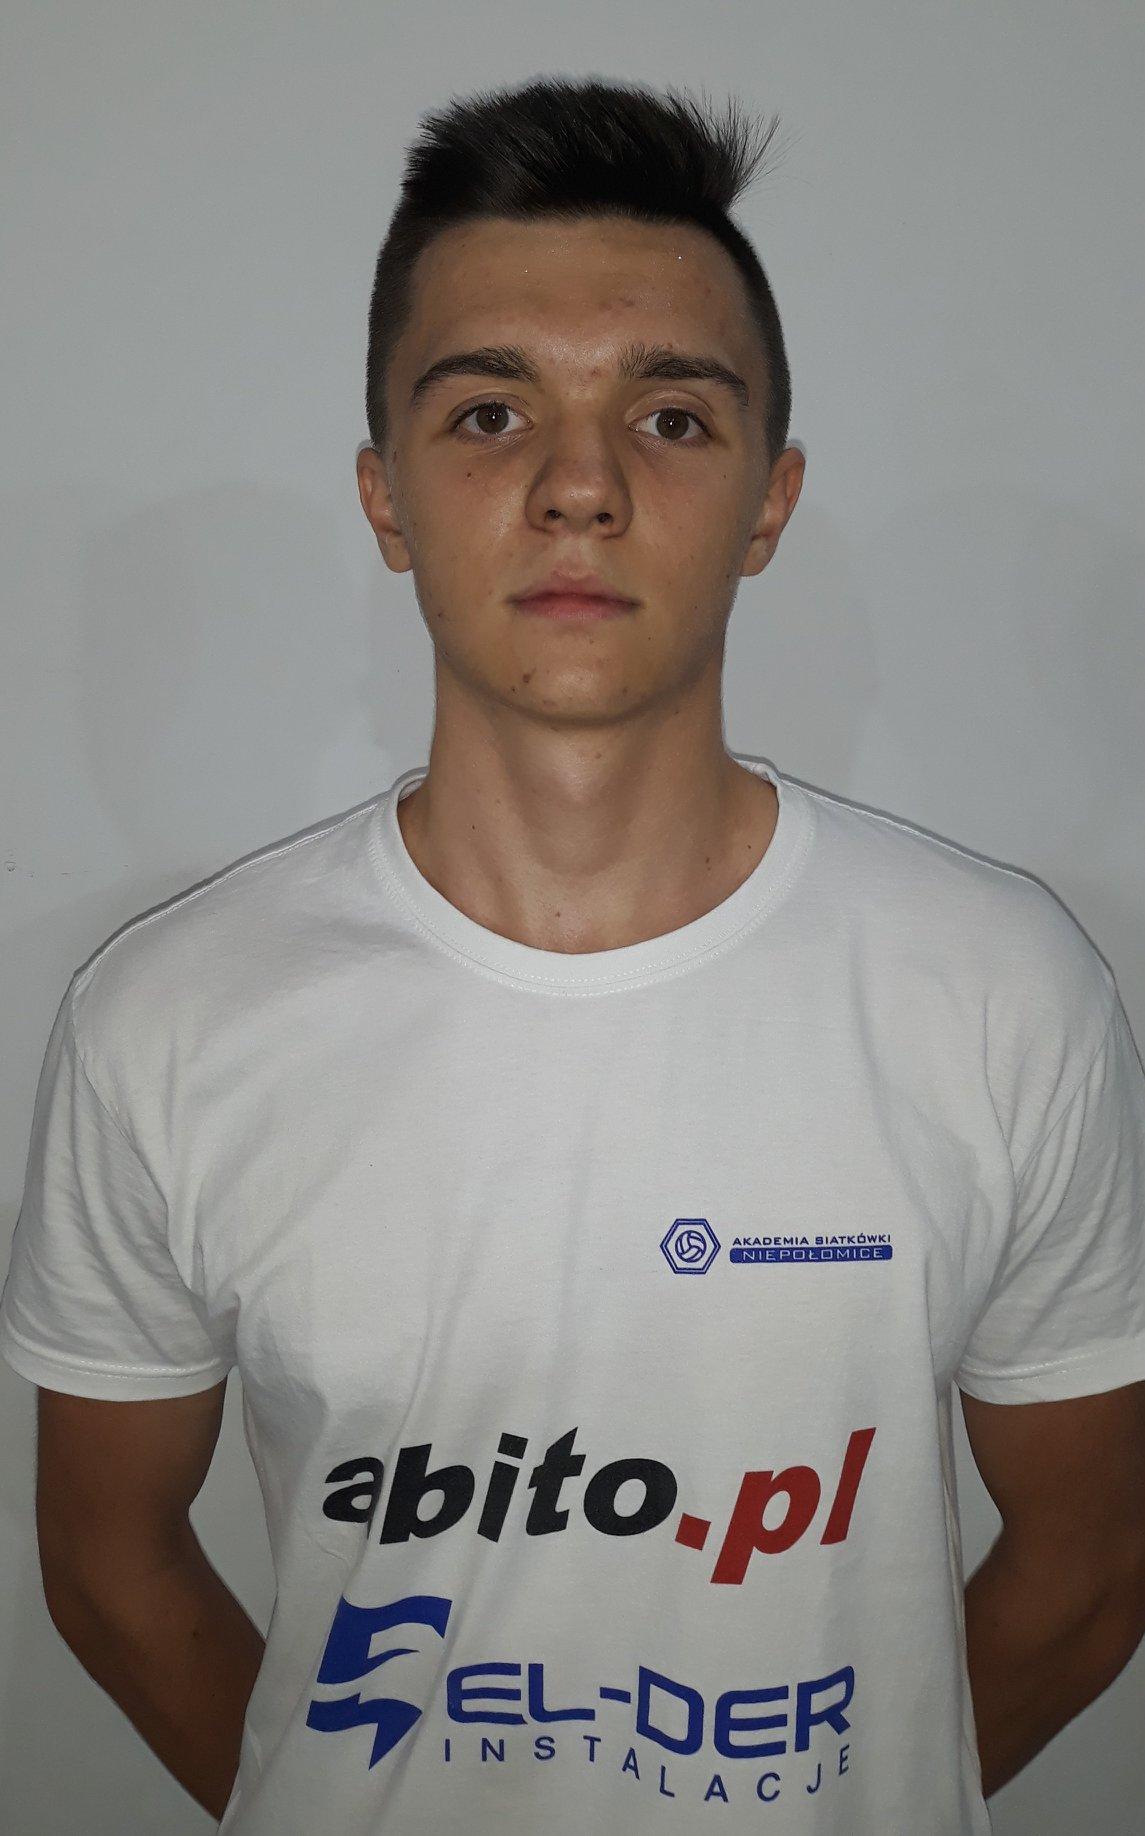 Maciej Sendorek Pozycja: Libero Wiek: 17 Wzrost: 188 cm